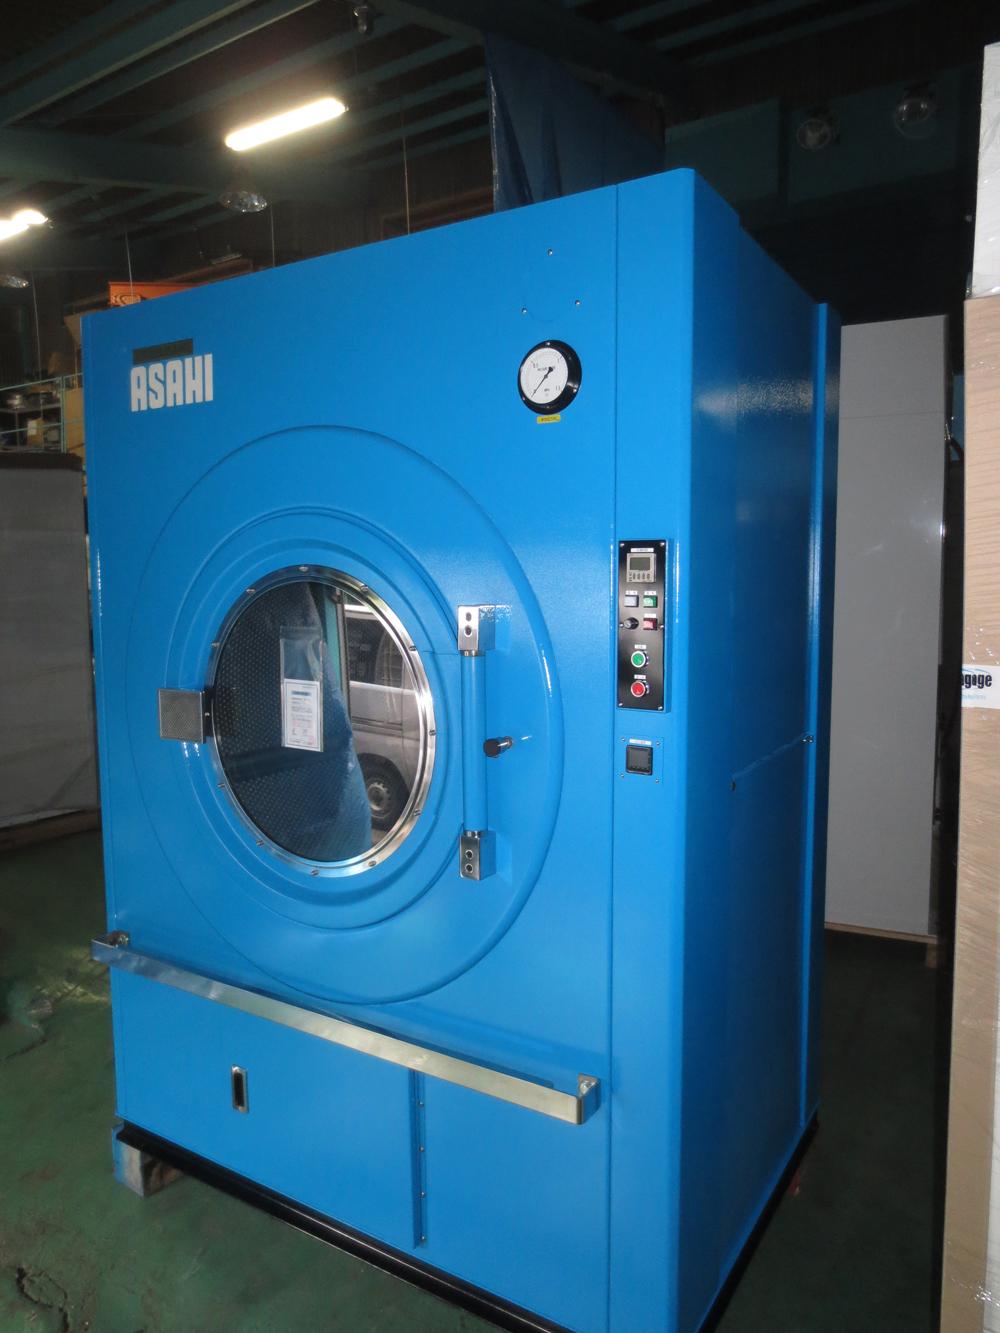 アサヒ製作所 蒸気式乾燥機 NT-50